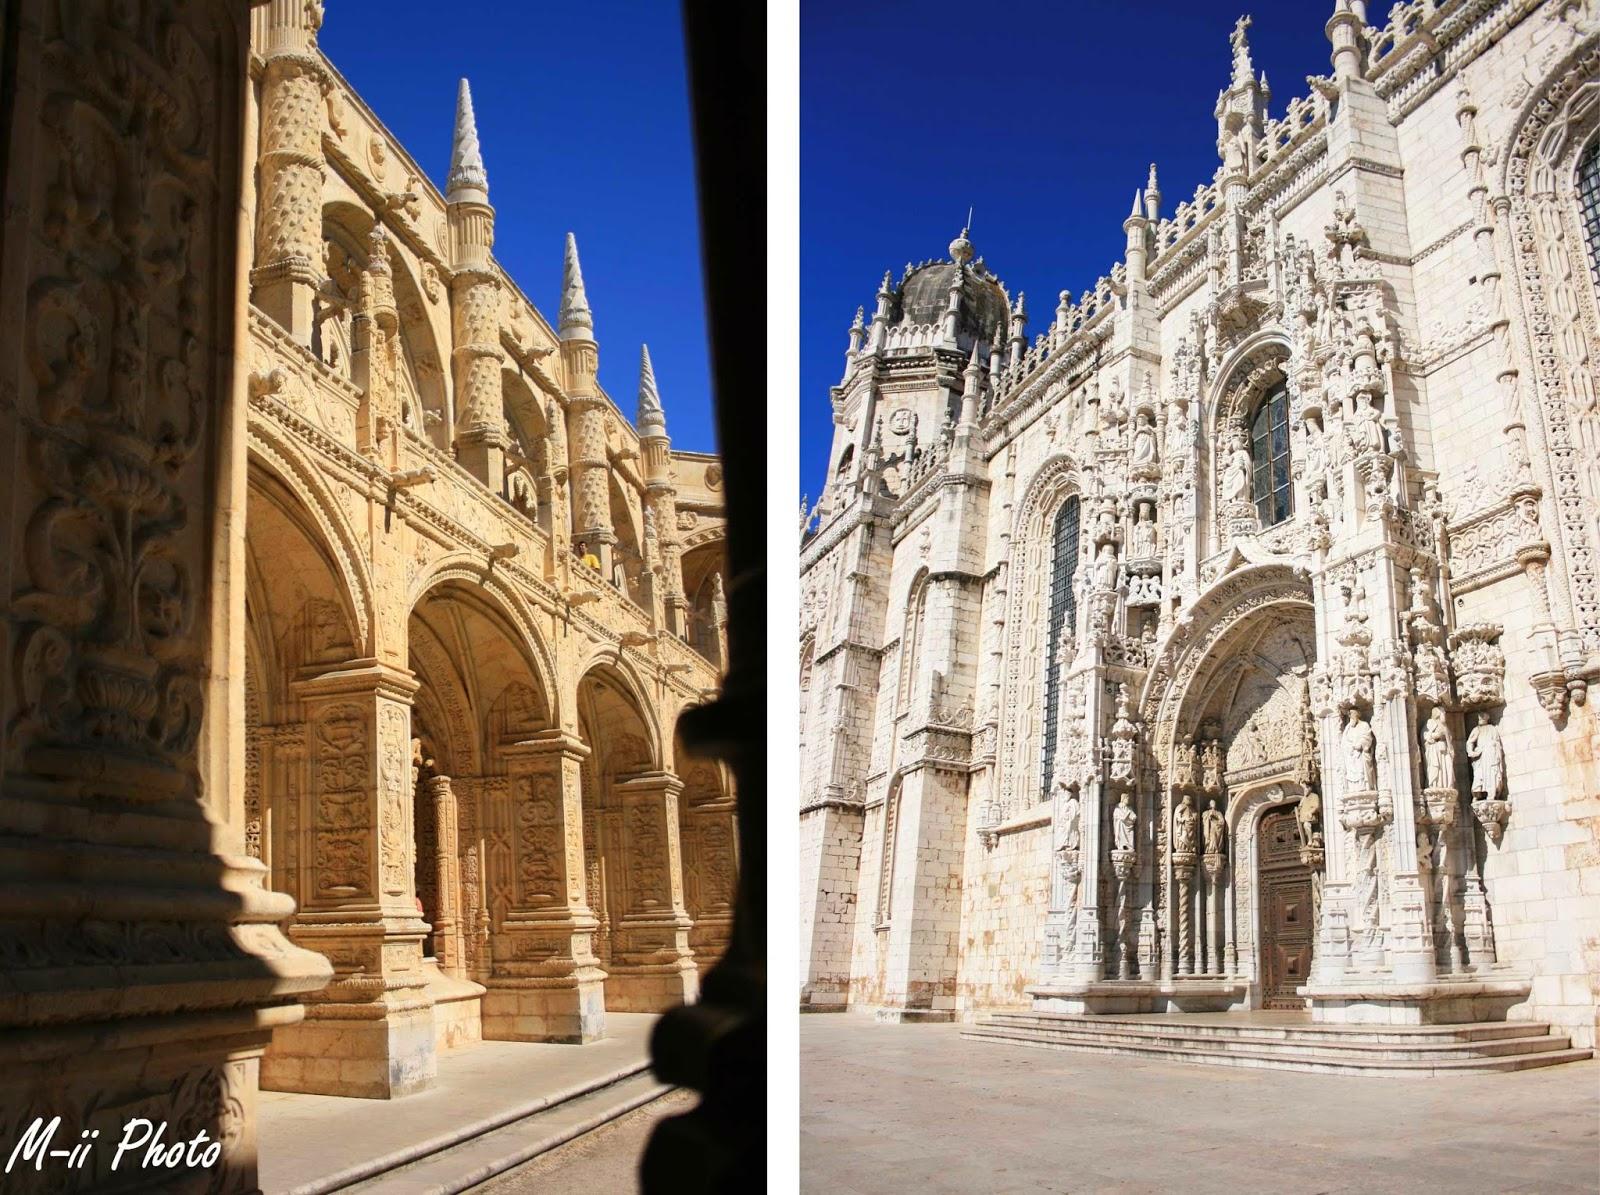 M-ii Photo : 10 choses à faire à Lisbonne  Monastere dos Jeronimos